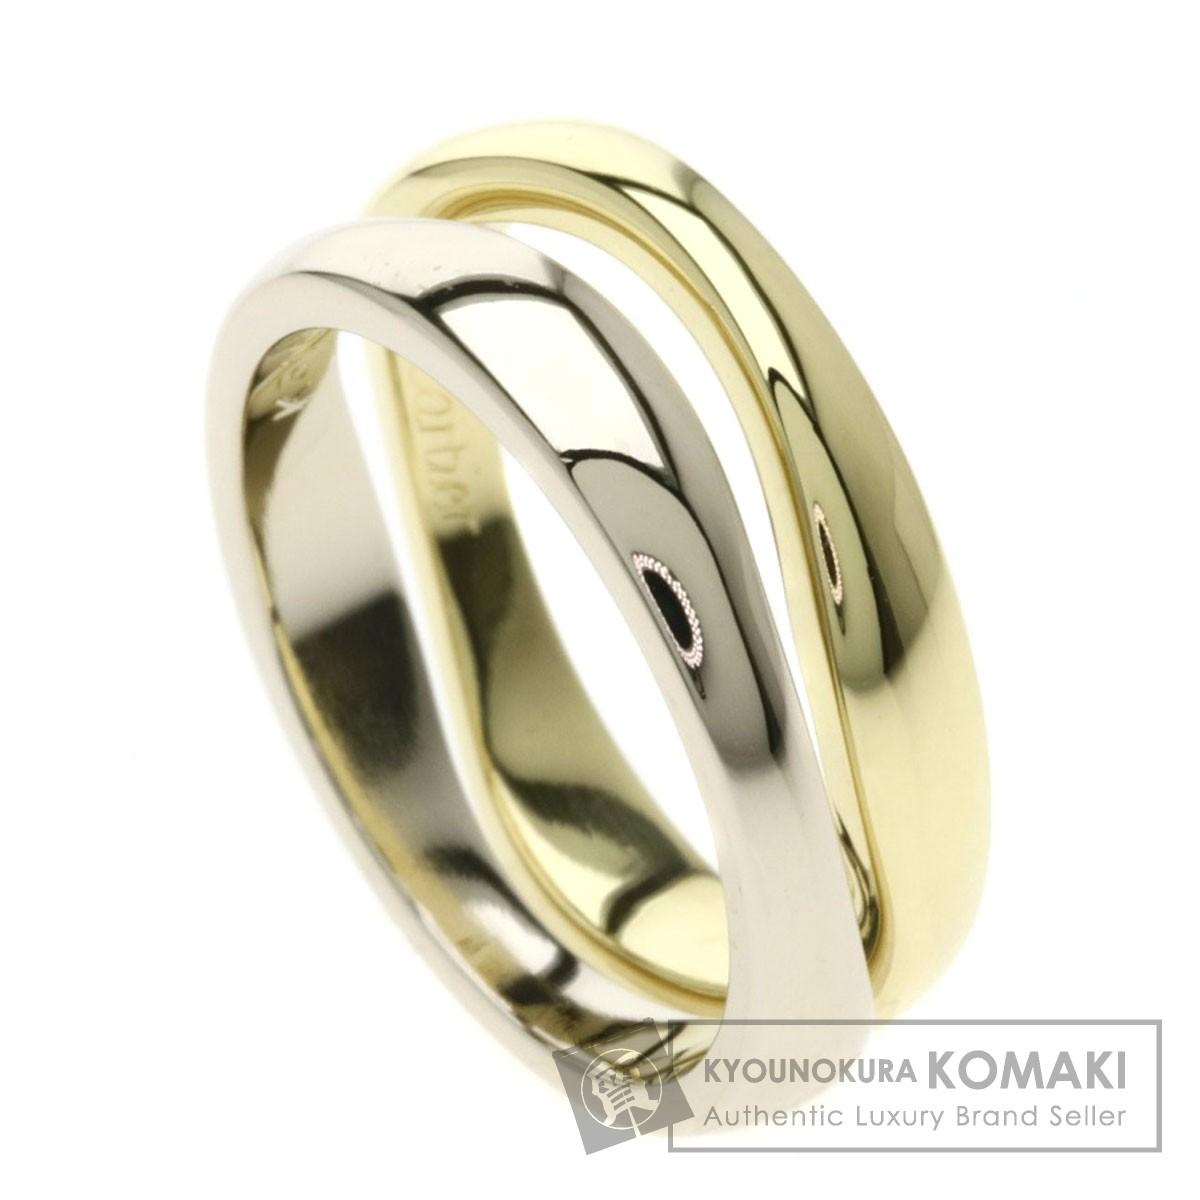 カルティエ ラブミーリング #47 リング・指輪 K18イエローゴールド/K18WG レディース 【中古】【CARTIER】